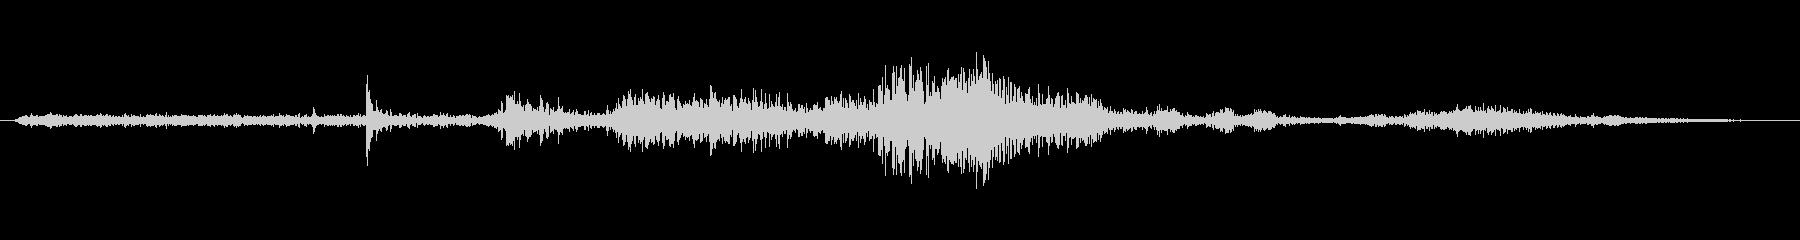 ピックアップトラック:アイドル、カ...の未再生の波形